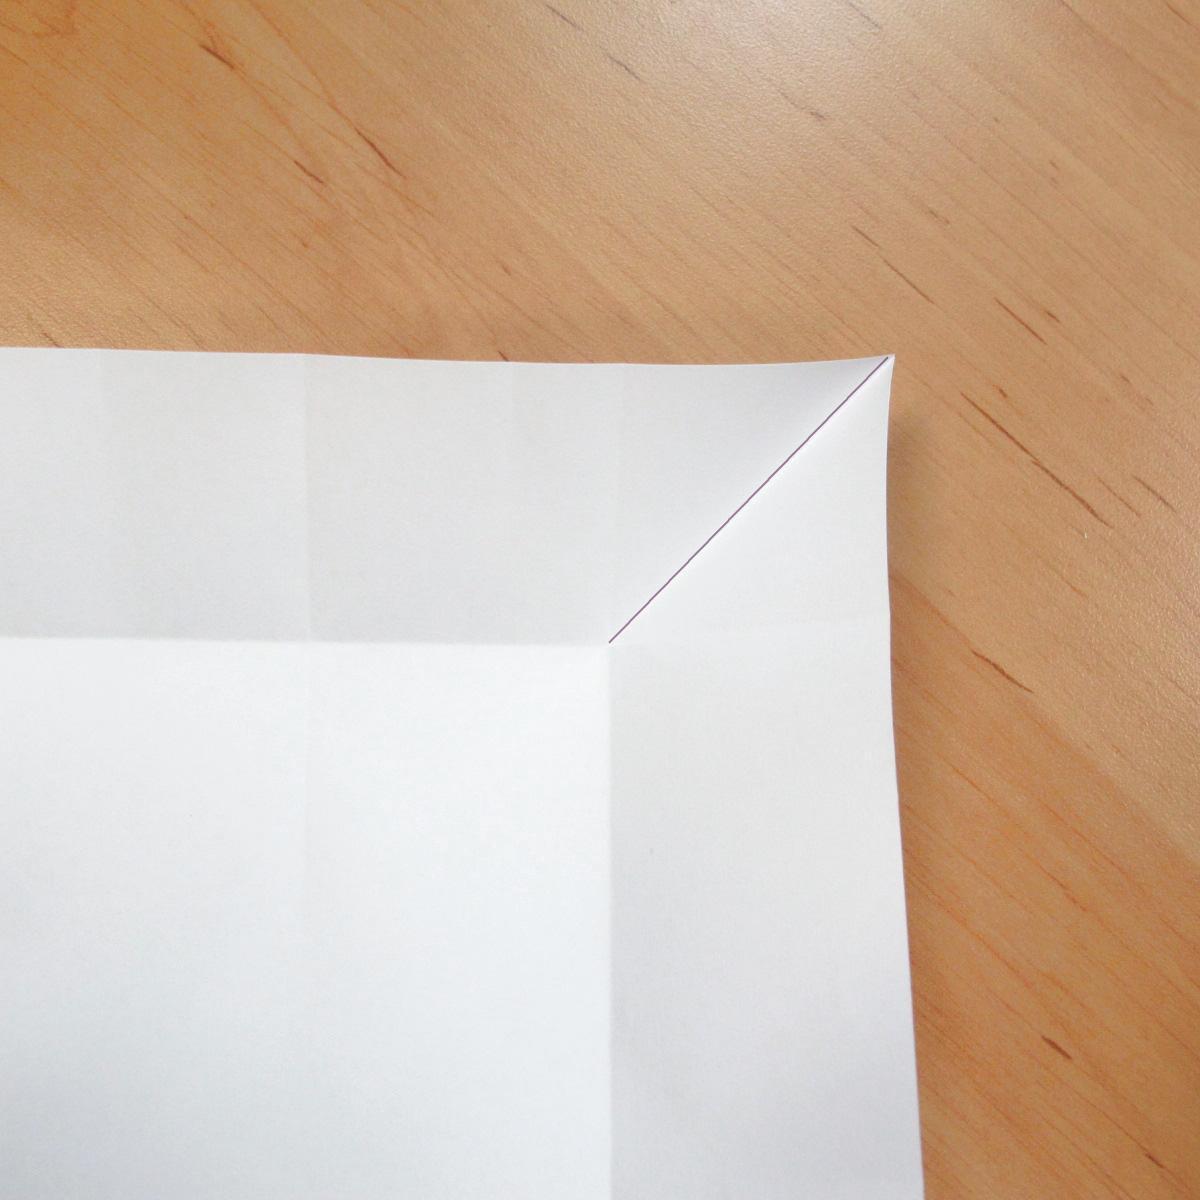 สอนการพับกระดาษเป็นที่ใส่ของรูปกลีบกุหลาบ (Rose box origami) 023